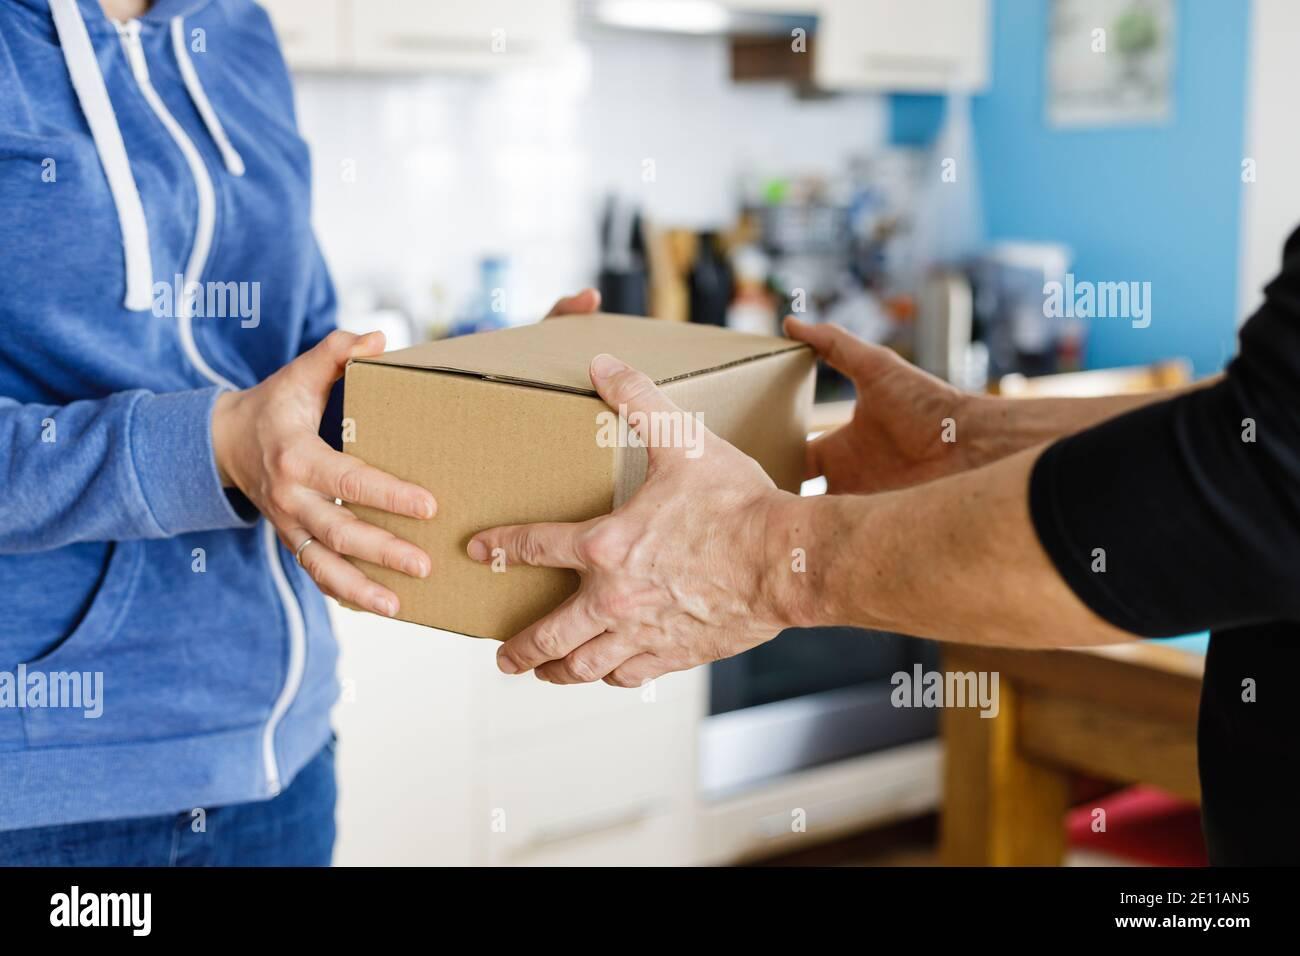 Livraison de colis à domicile Banque D'Images